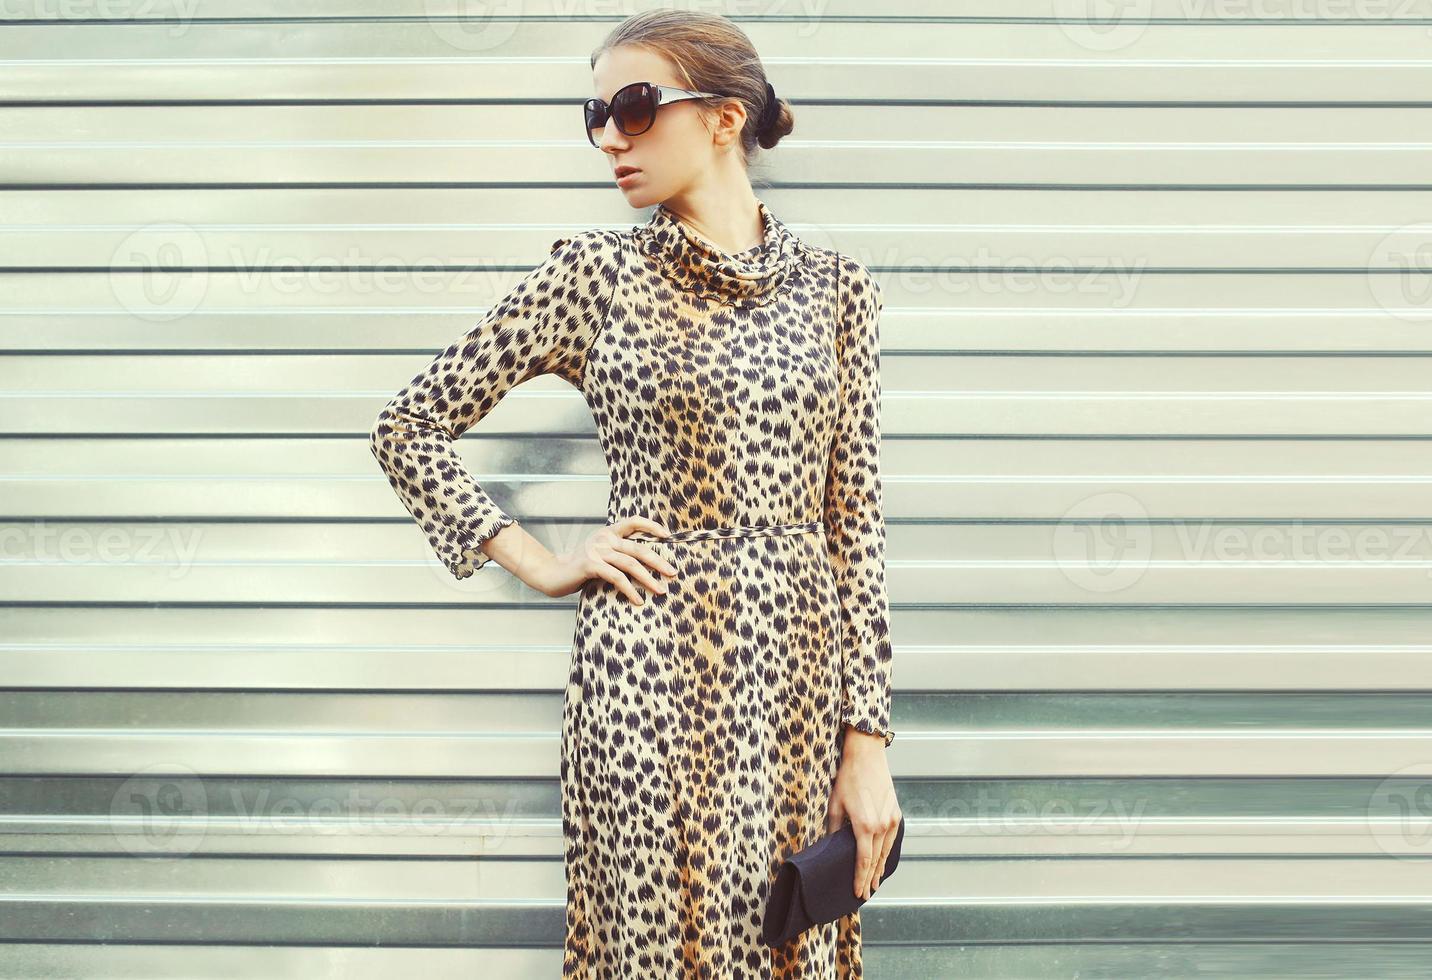 mode vacker kvinna i solglasögon och leopard klänning med handba foto